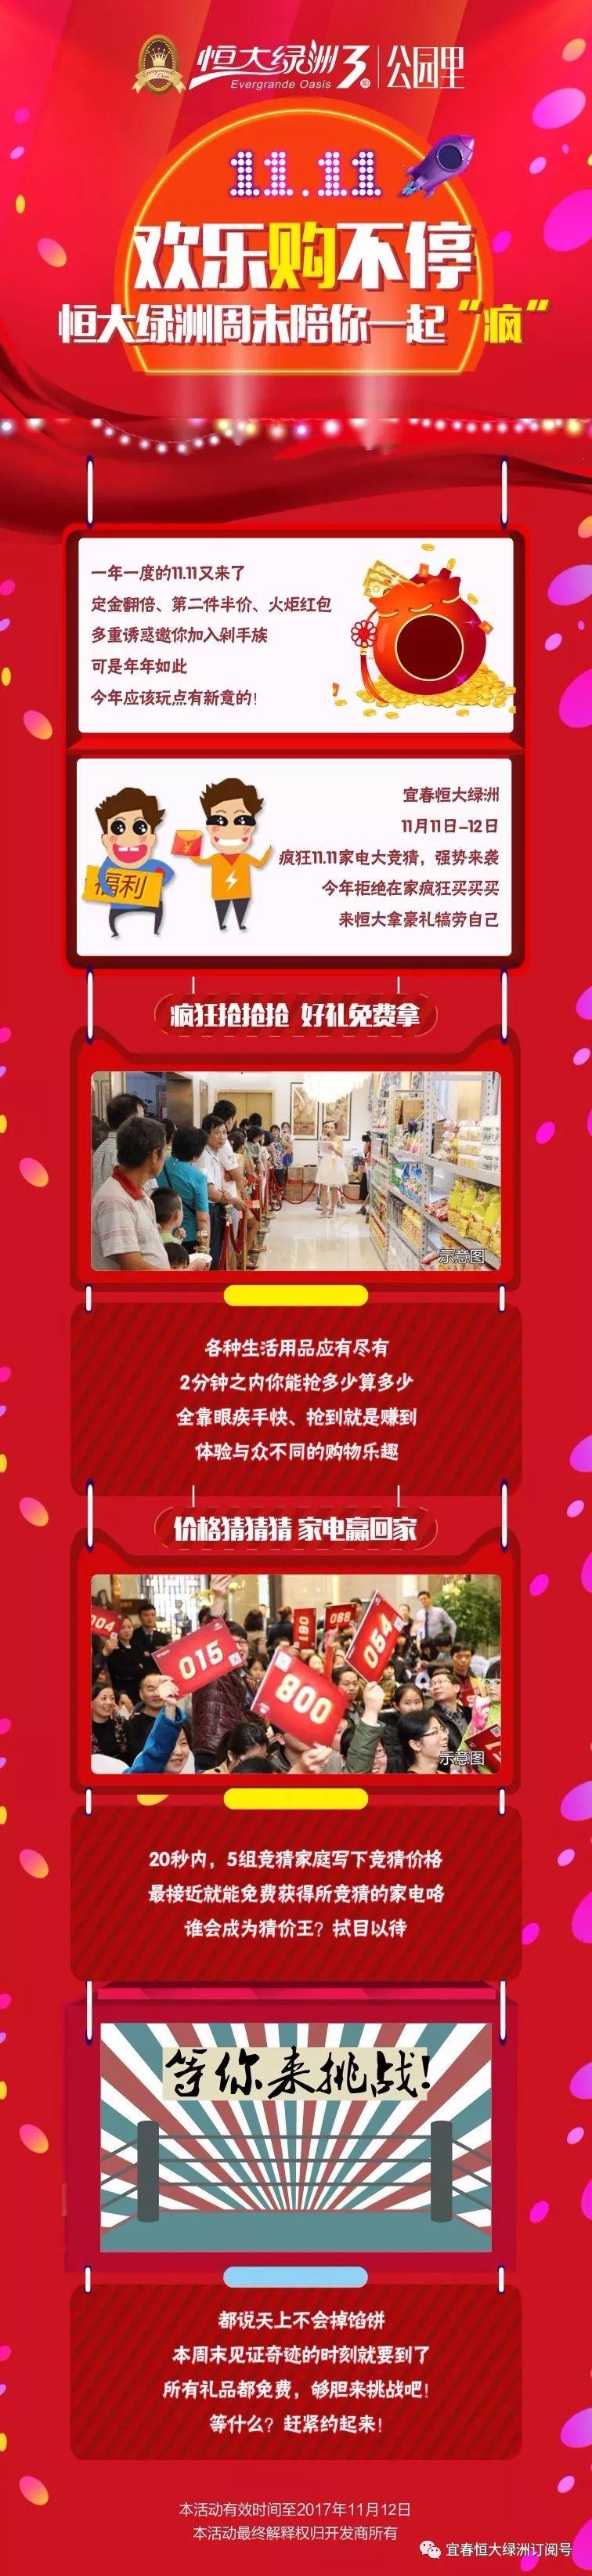 """11.11欢乐购不停,恒大绿洲周末陪你一起""""疯""""!"""